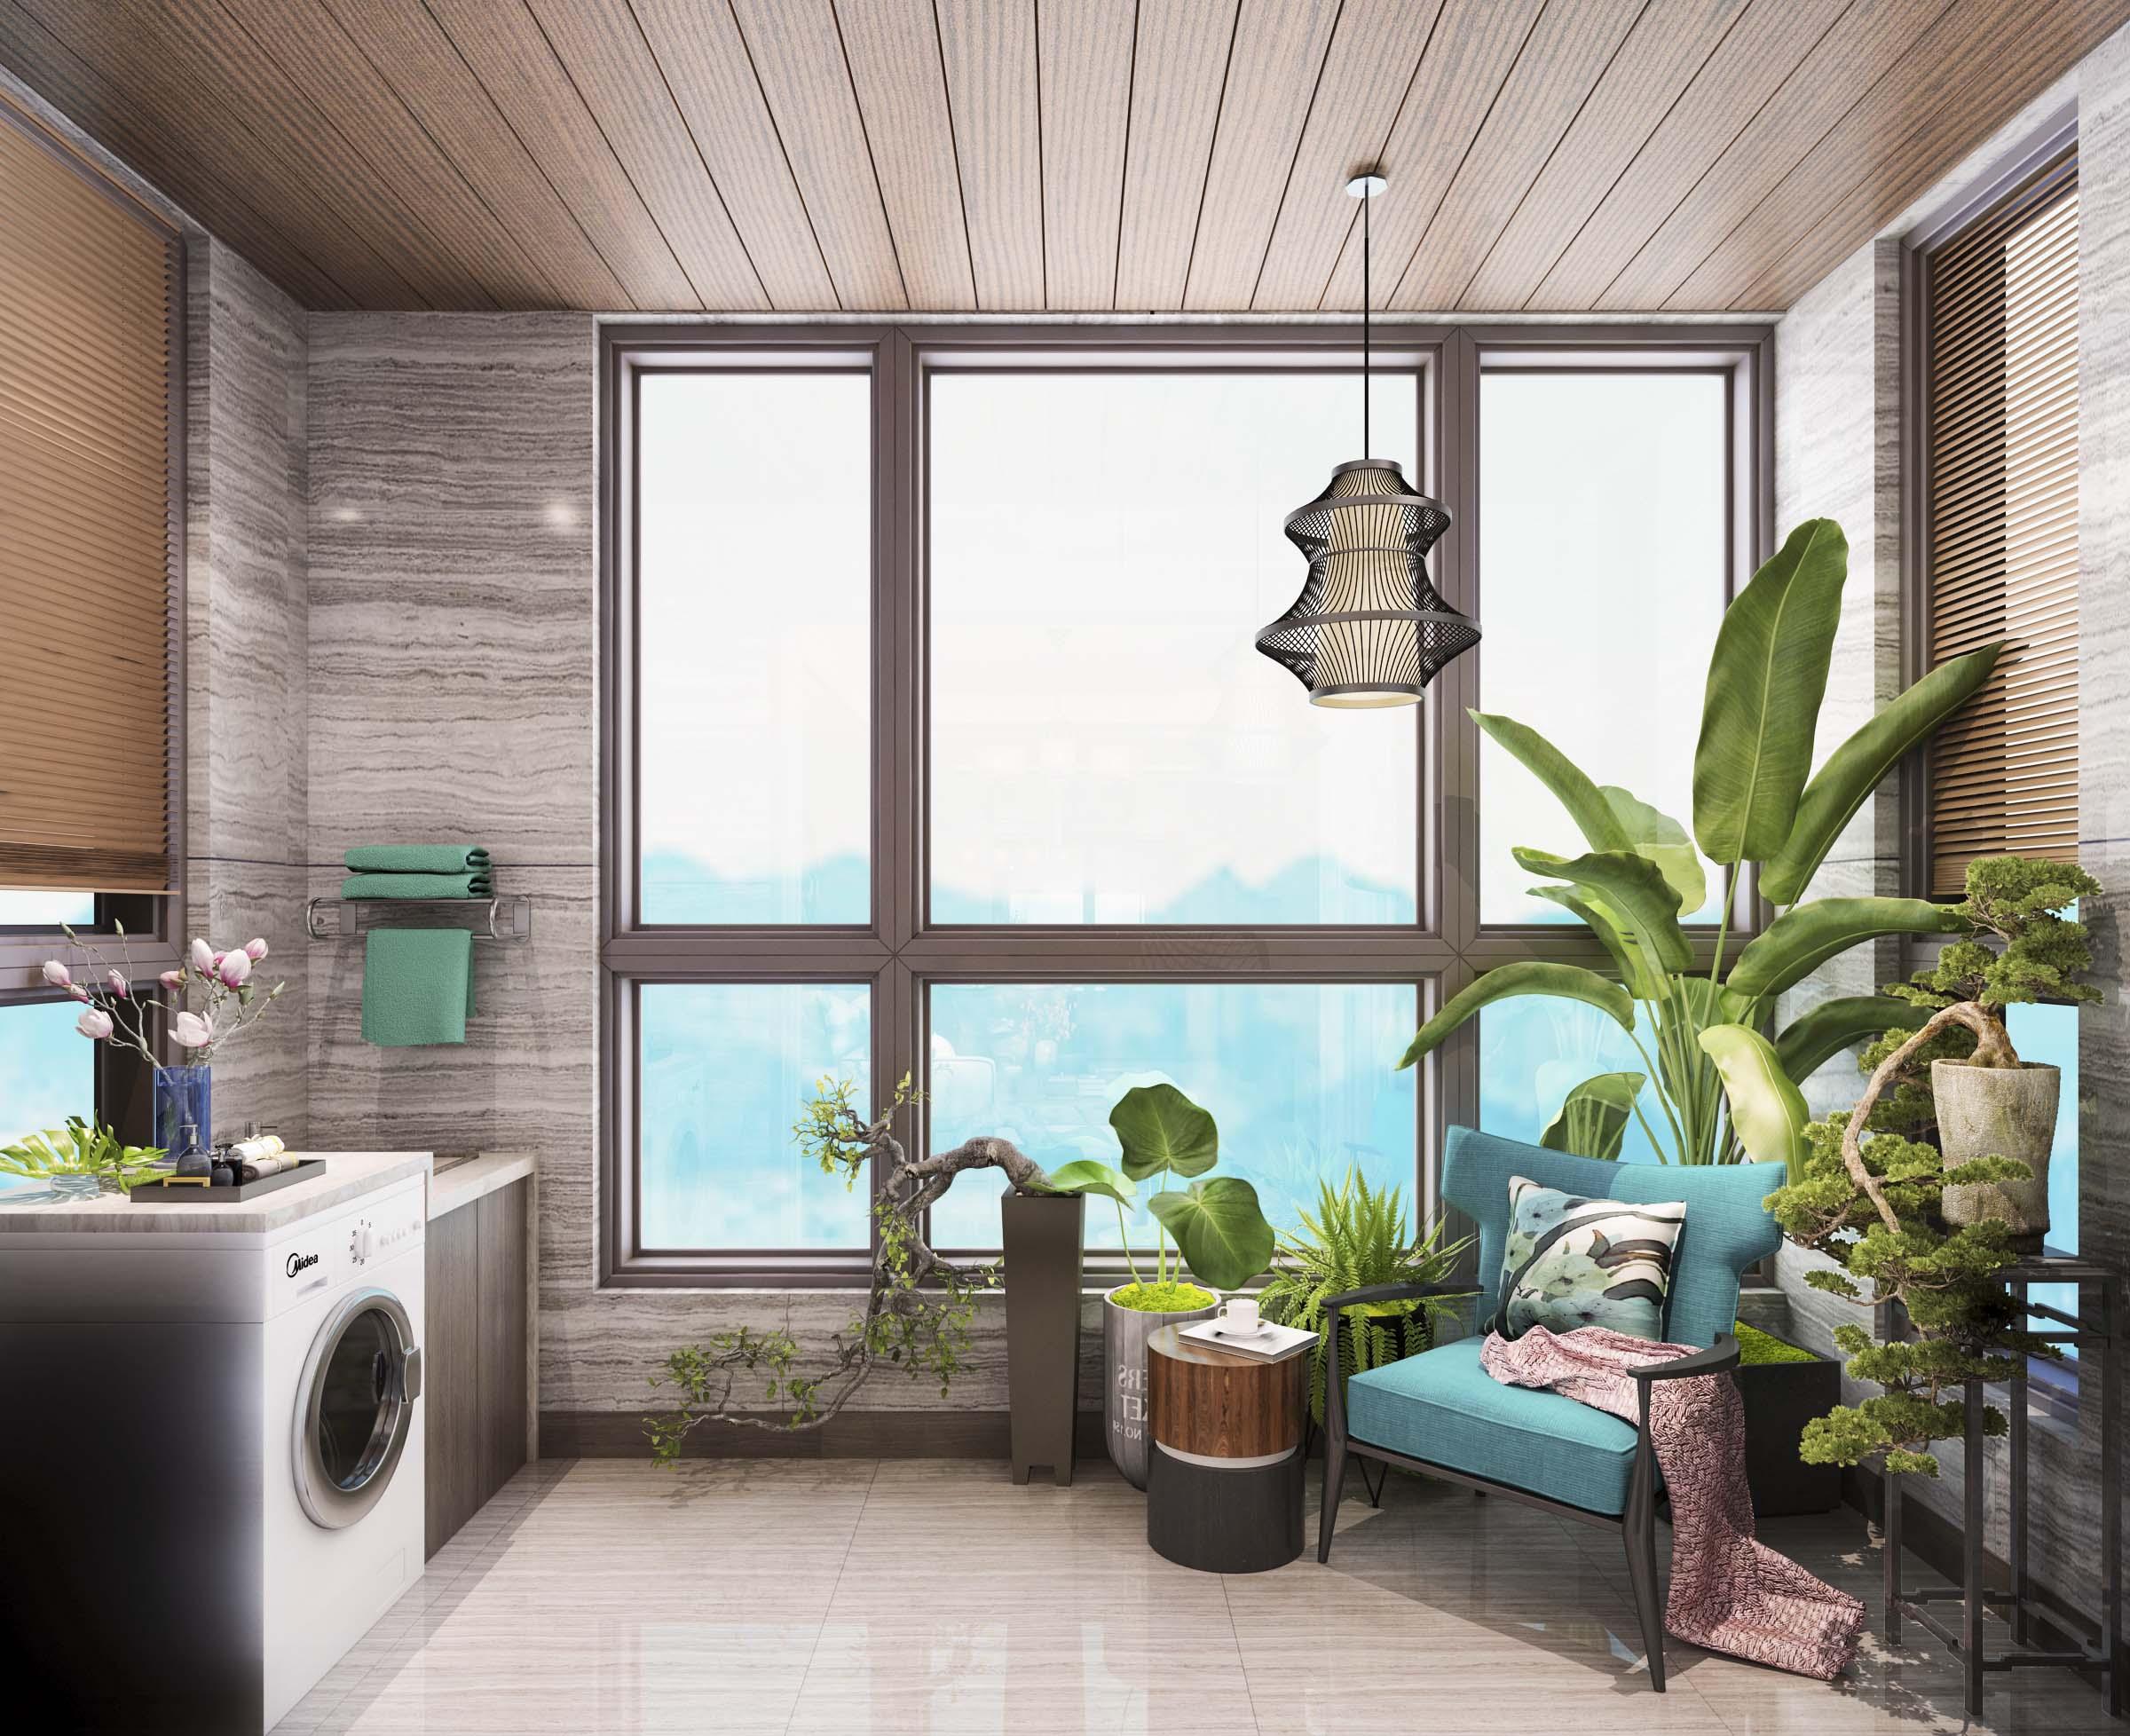 三居 阳台图片来自云南俊雅装饰工程有限公司在枫林盛景的分享